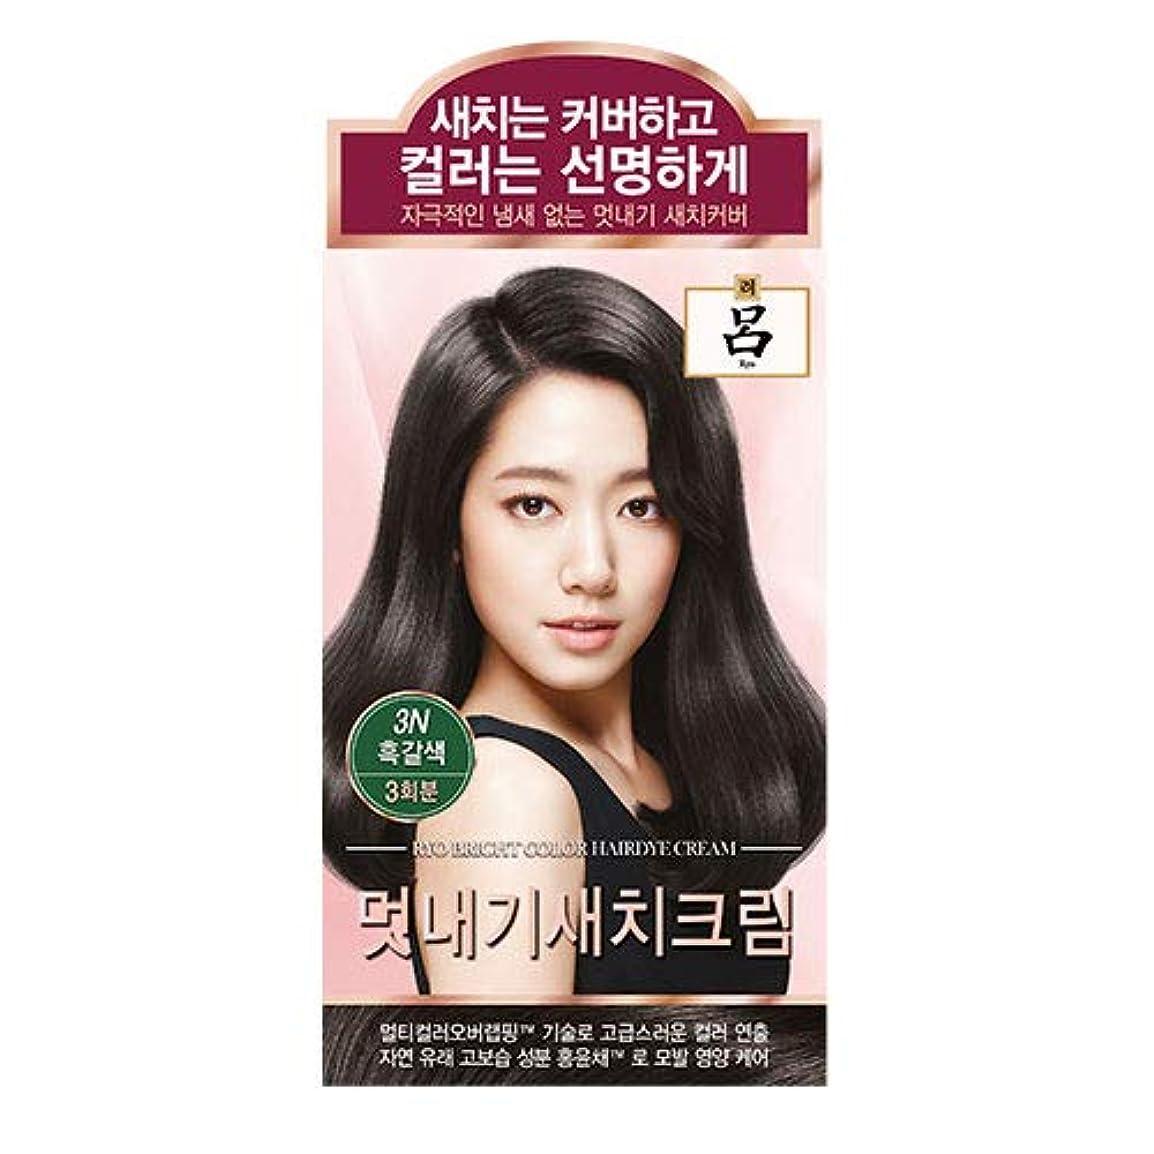 グラス変成器やりすぎアモーレパシフィック呂[AMOREPACIFIC/Ryo] ブライトカラーヘアアイクリーム 3N ダークブラウン/Bright Color Hairdye Cream 3N Dark Brown